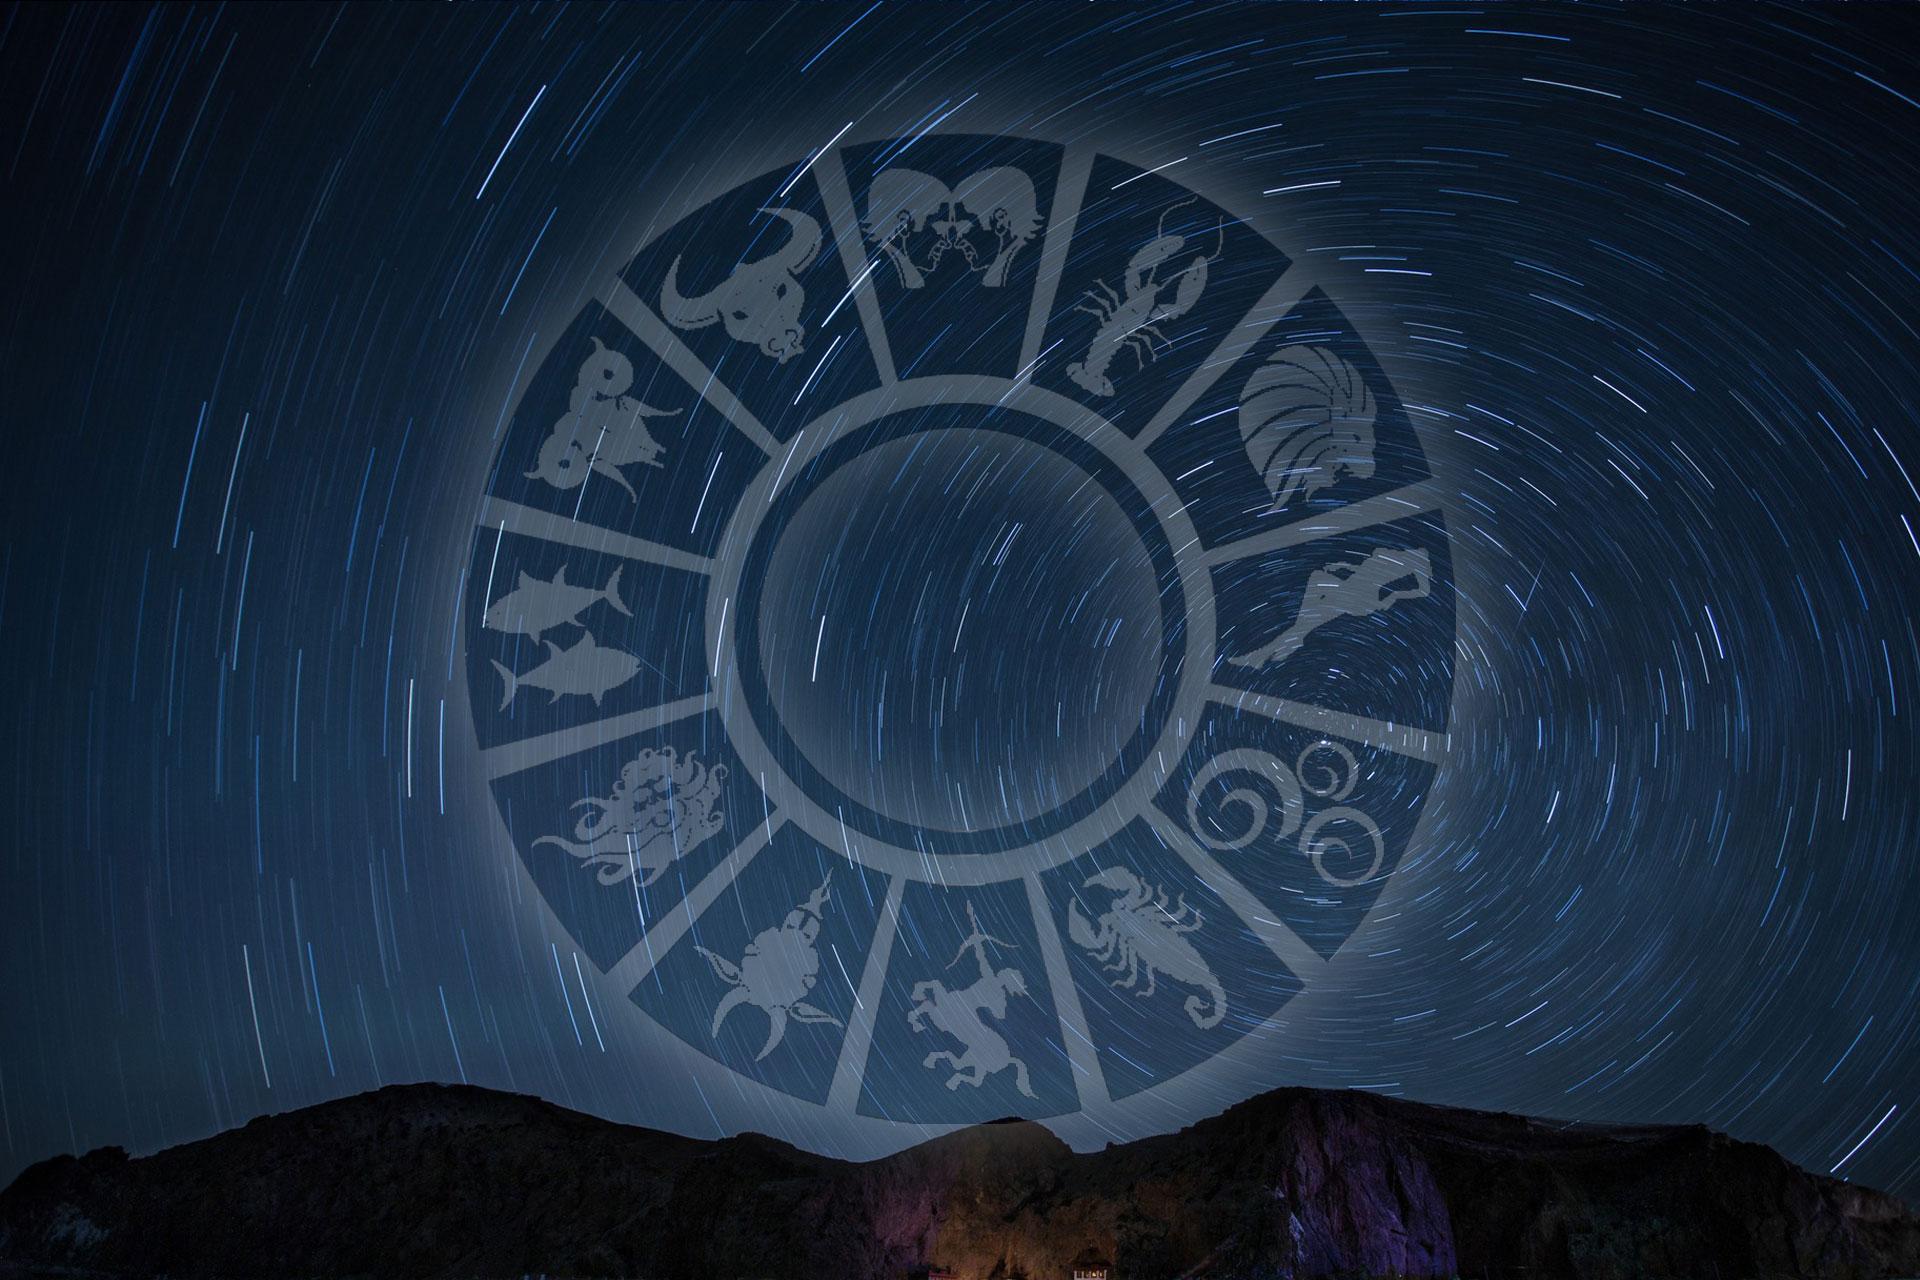 Matrix astrologija vs Kvantna astrologija - Niste takvi kakvi jeste zbog toga što ste se rodili u određeno vrijeme!